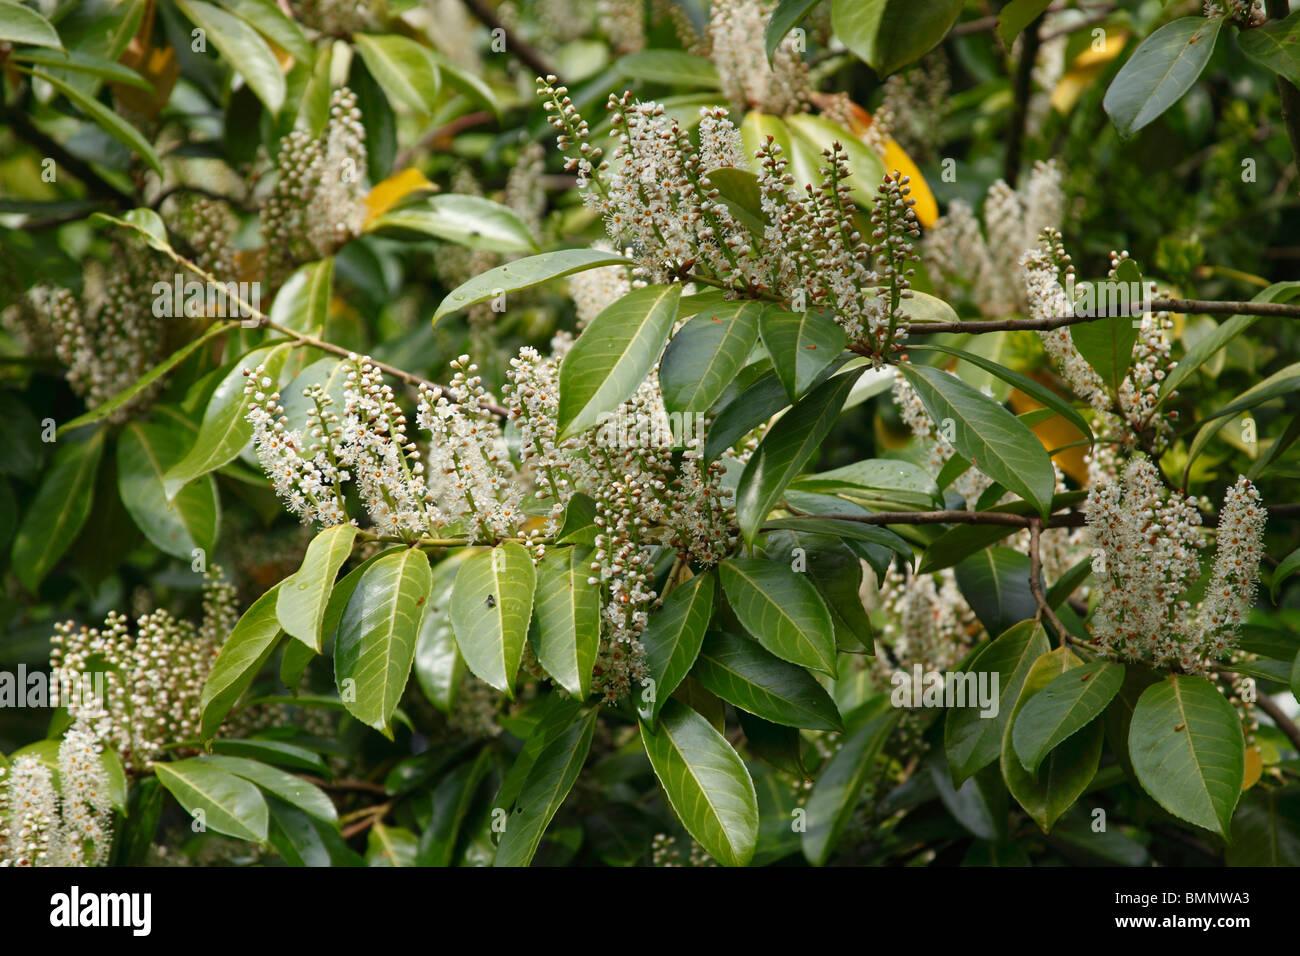 Lorbeerbaum (Prunus Laurocerasus) in Blüte Stockbild